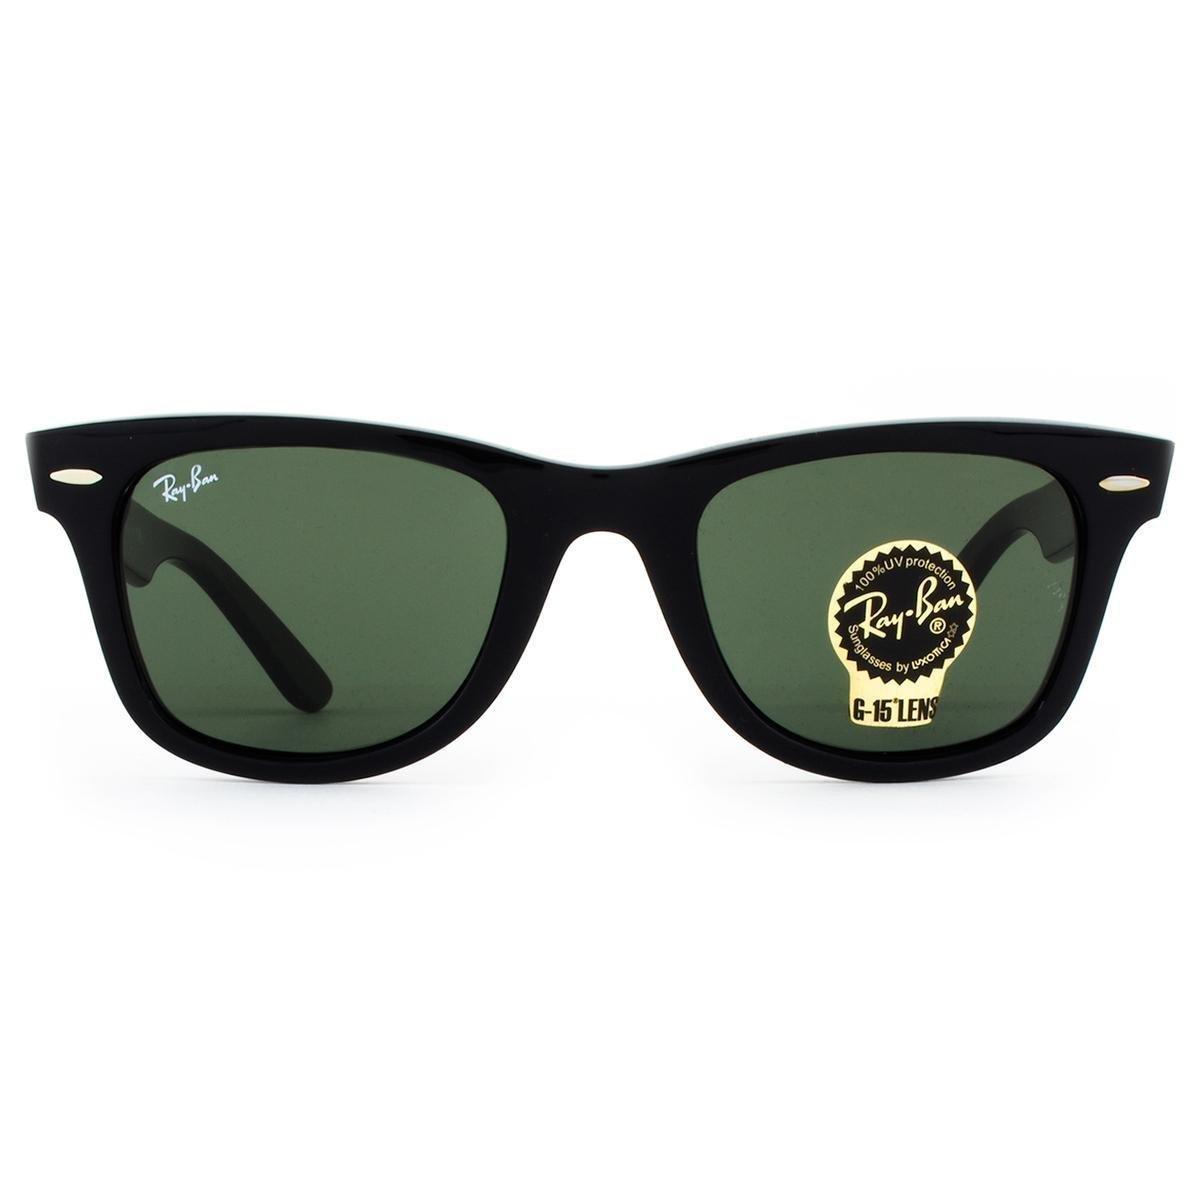 Óculos de Sol Ray Ban Wayfarer Classic RB2140 901-50 Masculino ... c2bd8880e3